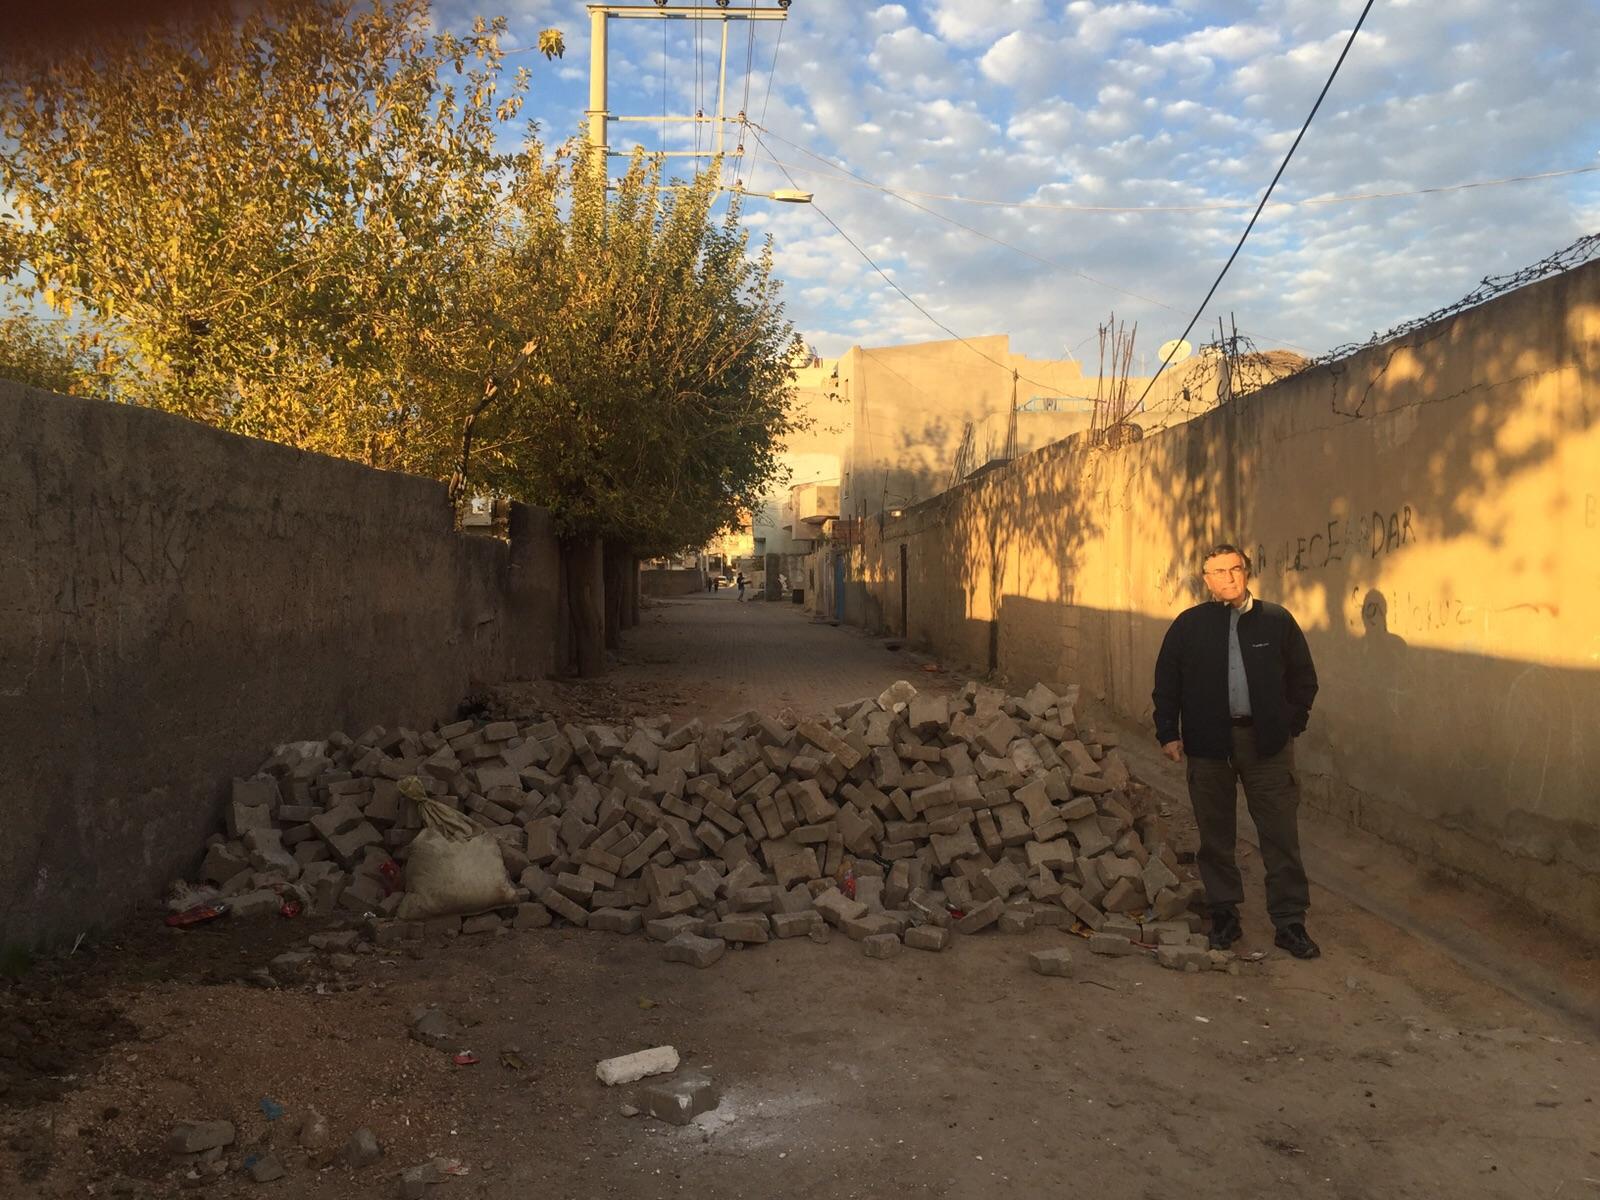 Nusaybin'in bazı ara sokaklarında sokağa çıkma yasağından geriye hendeklerin kalıntıları kalmış